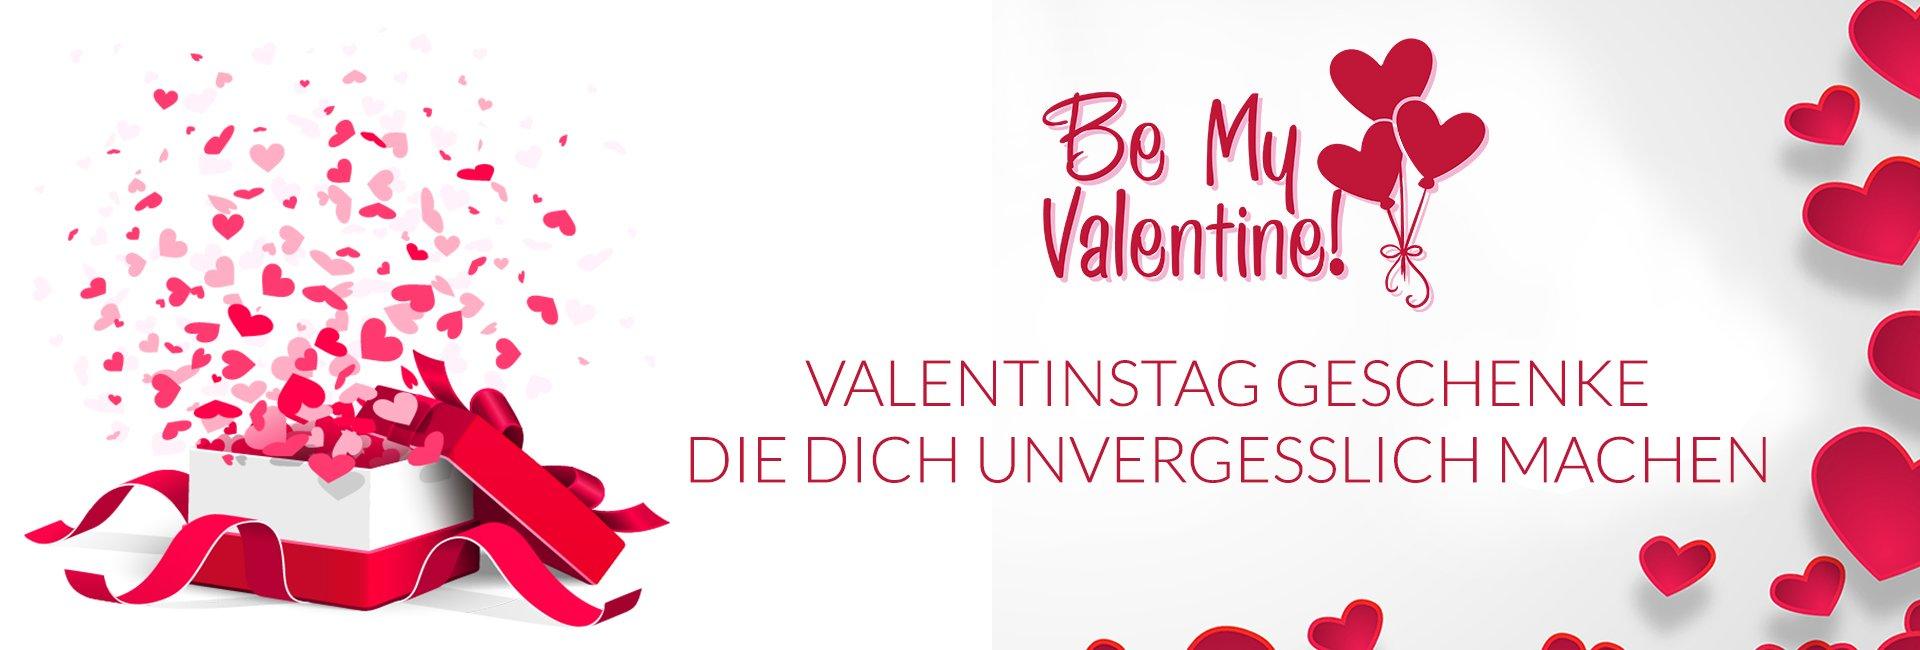 banne valentines yourchaines 03